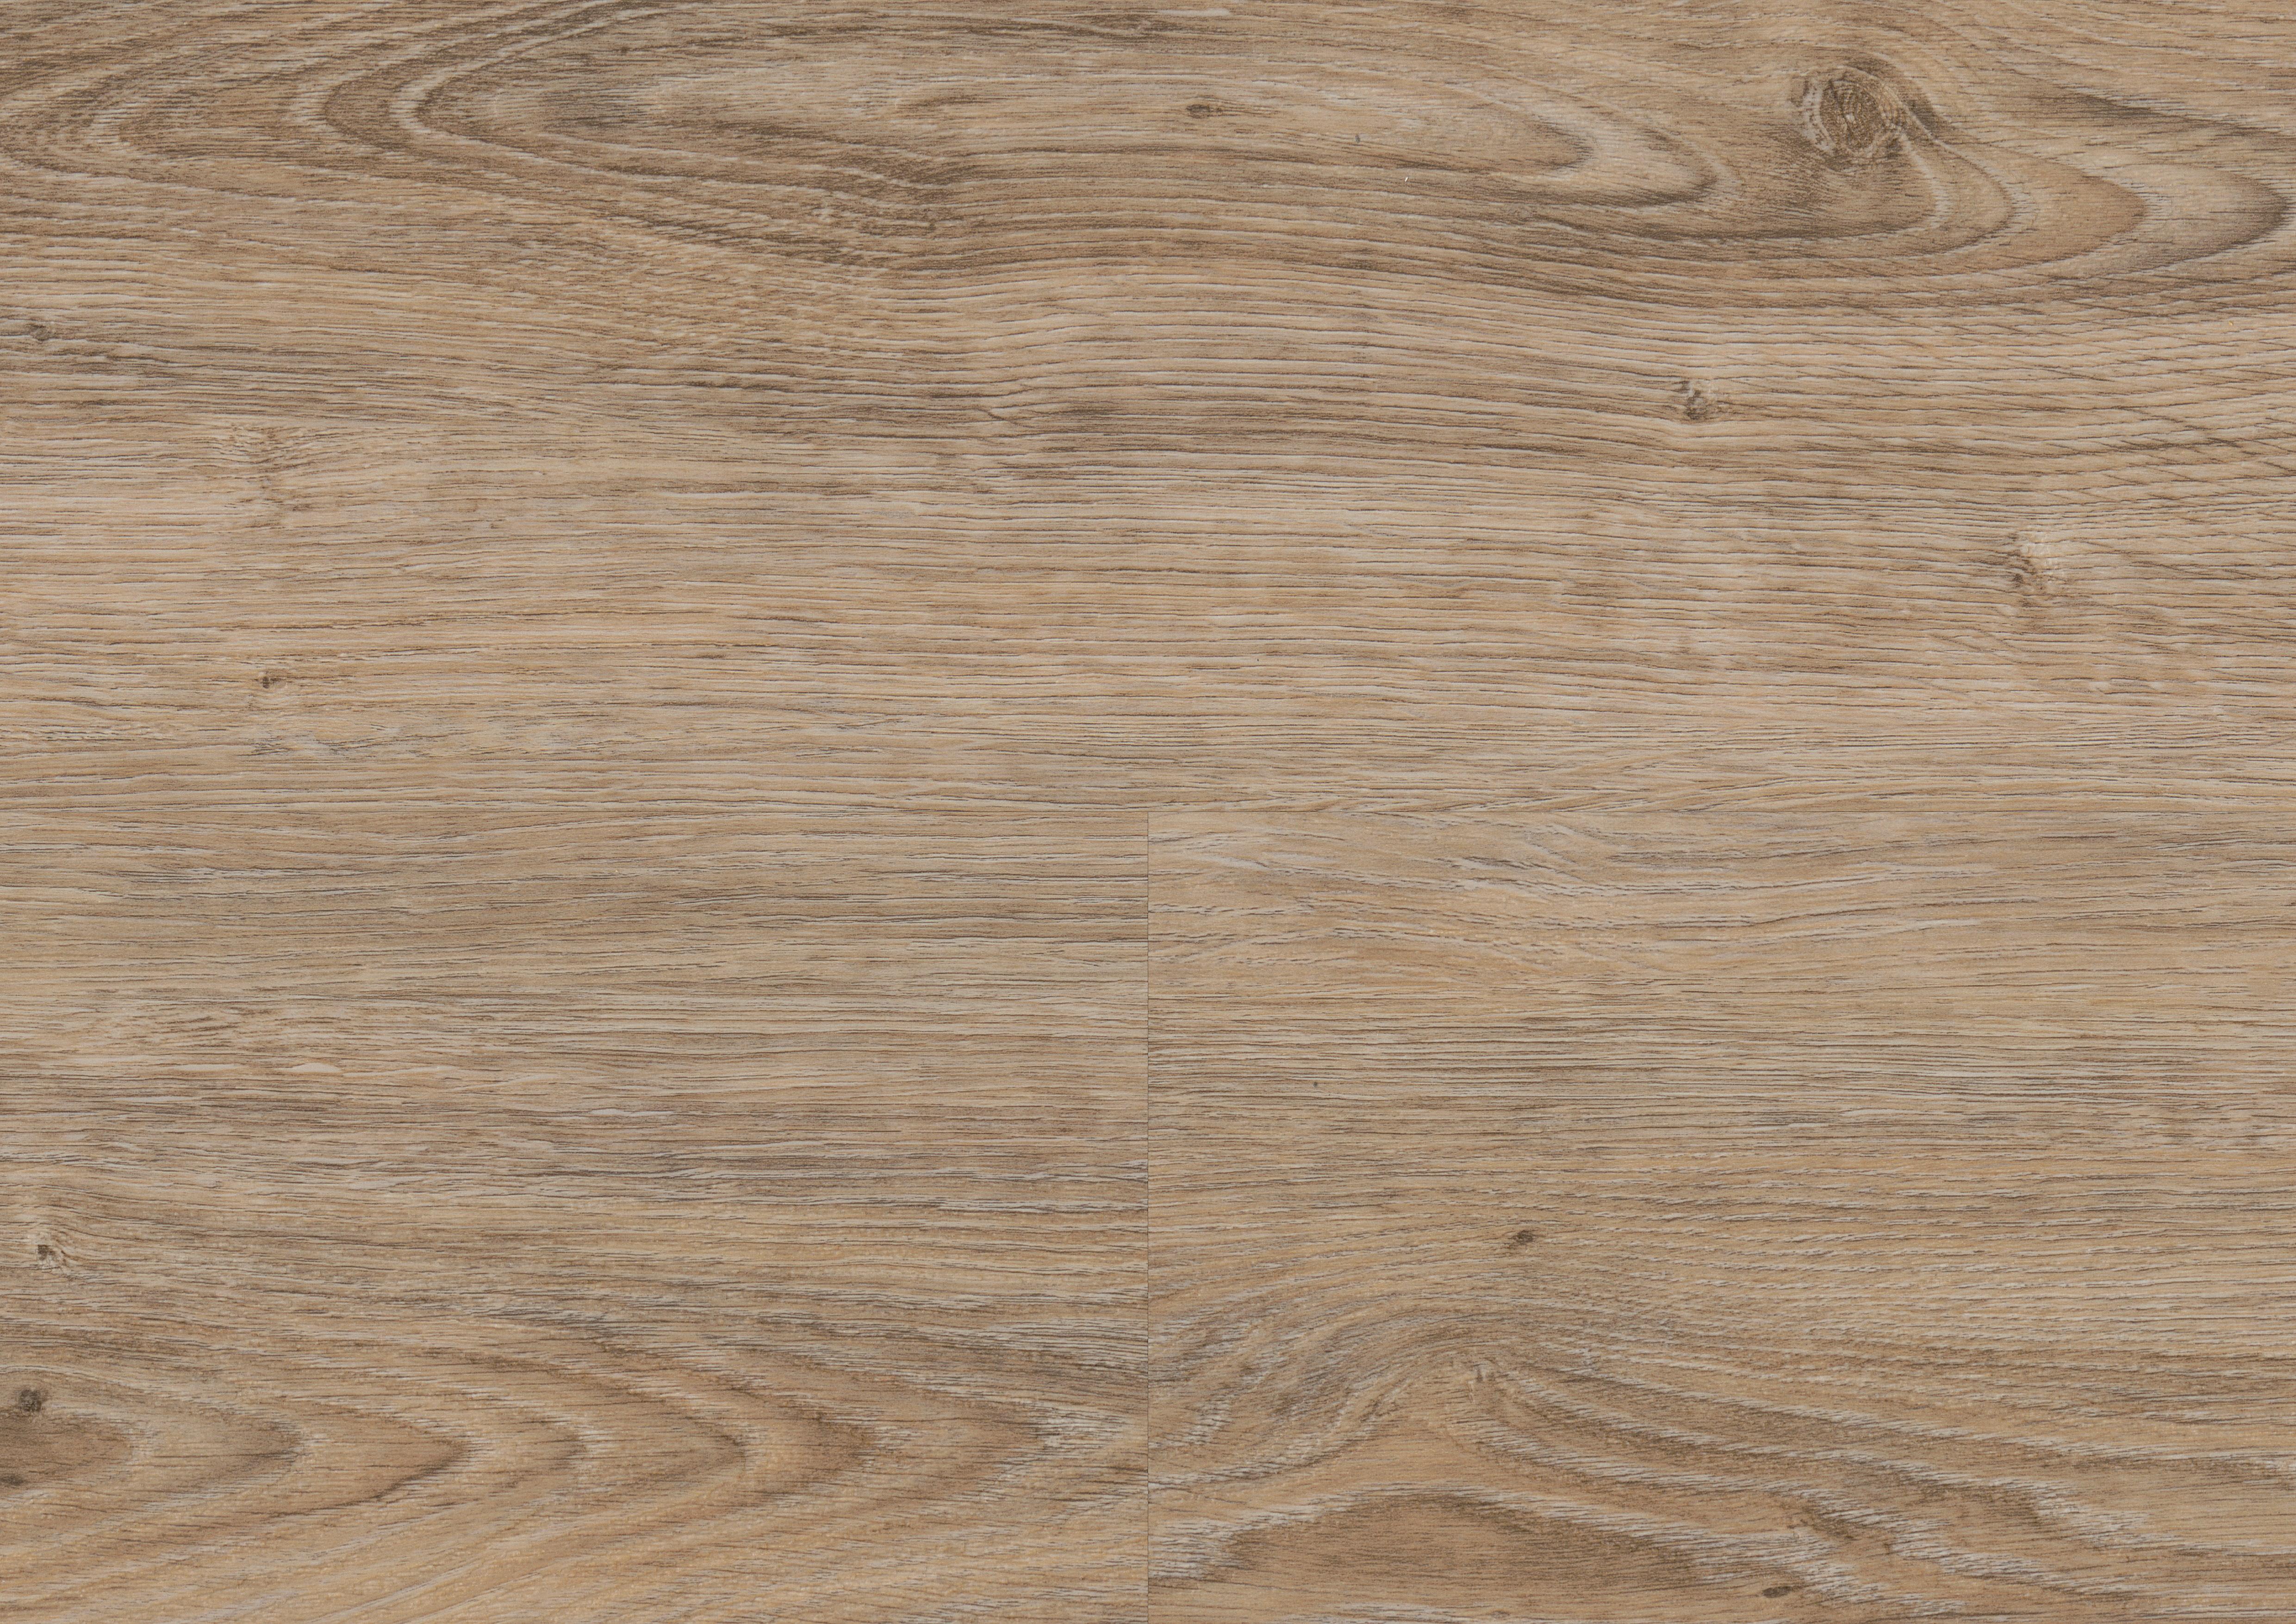 Fußboden Ohne Xl ~ ᐅ designboden vinylboden pvc boden designbelag wineo